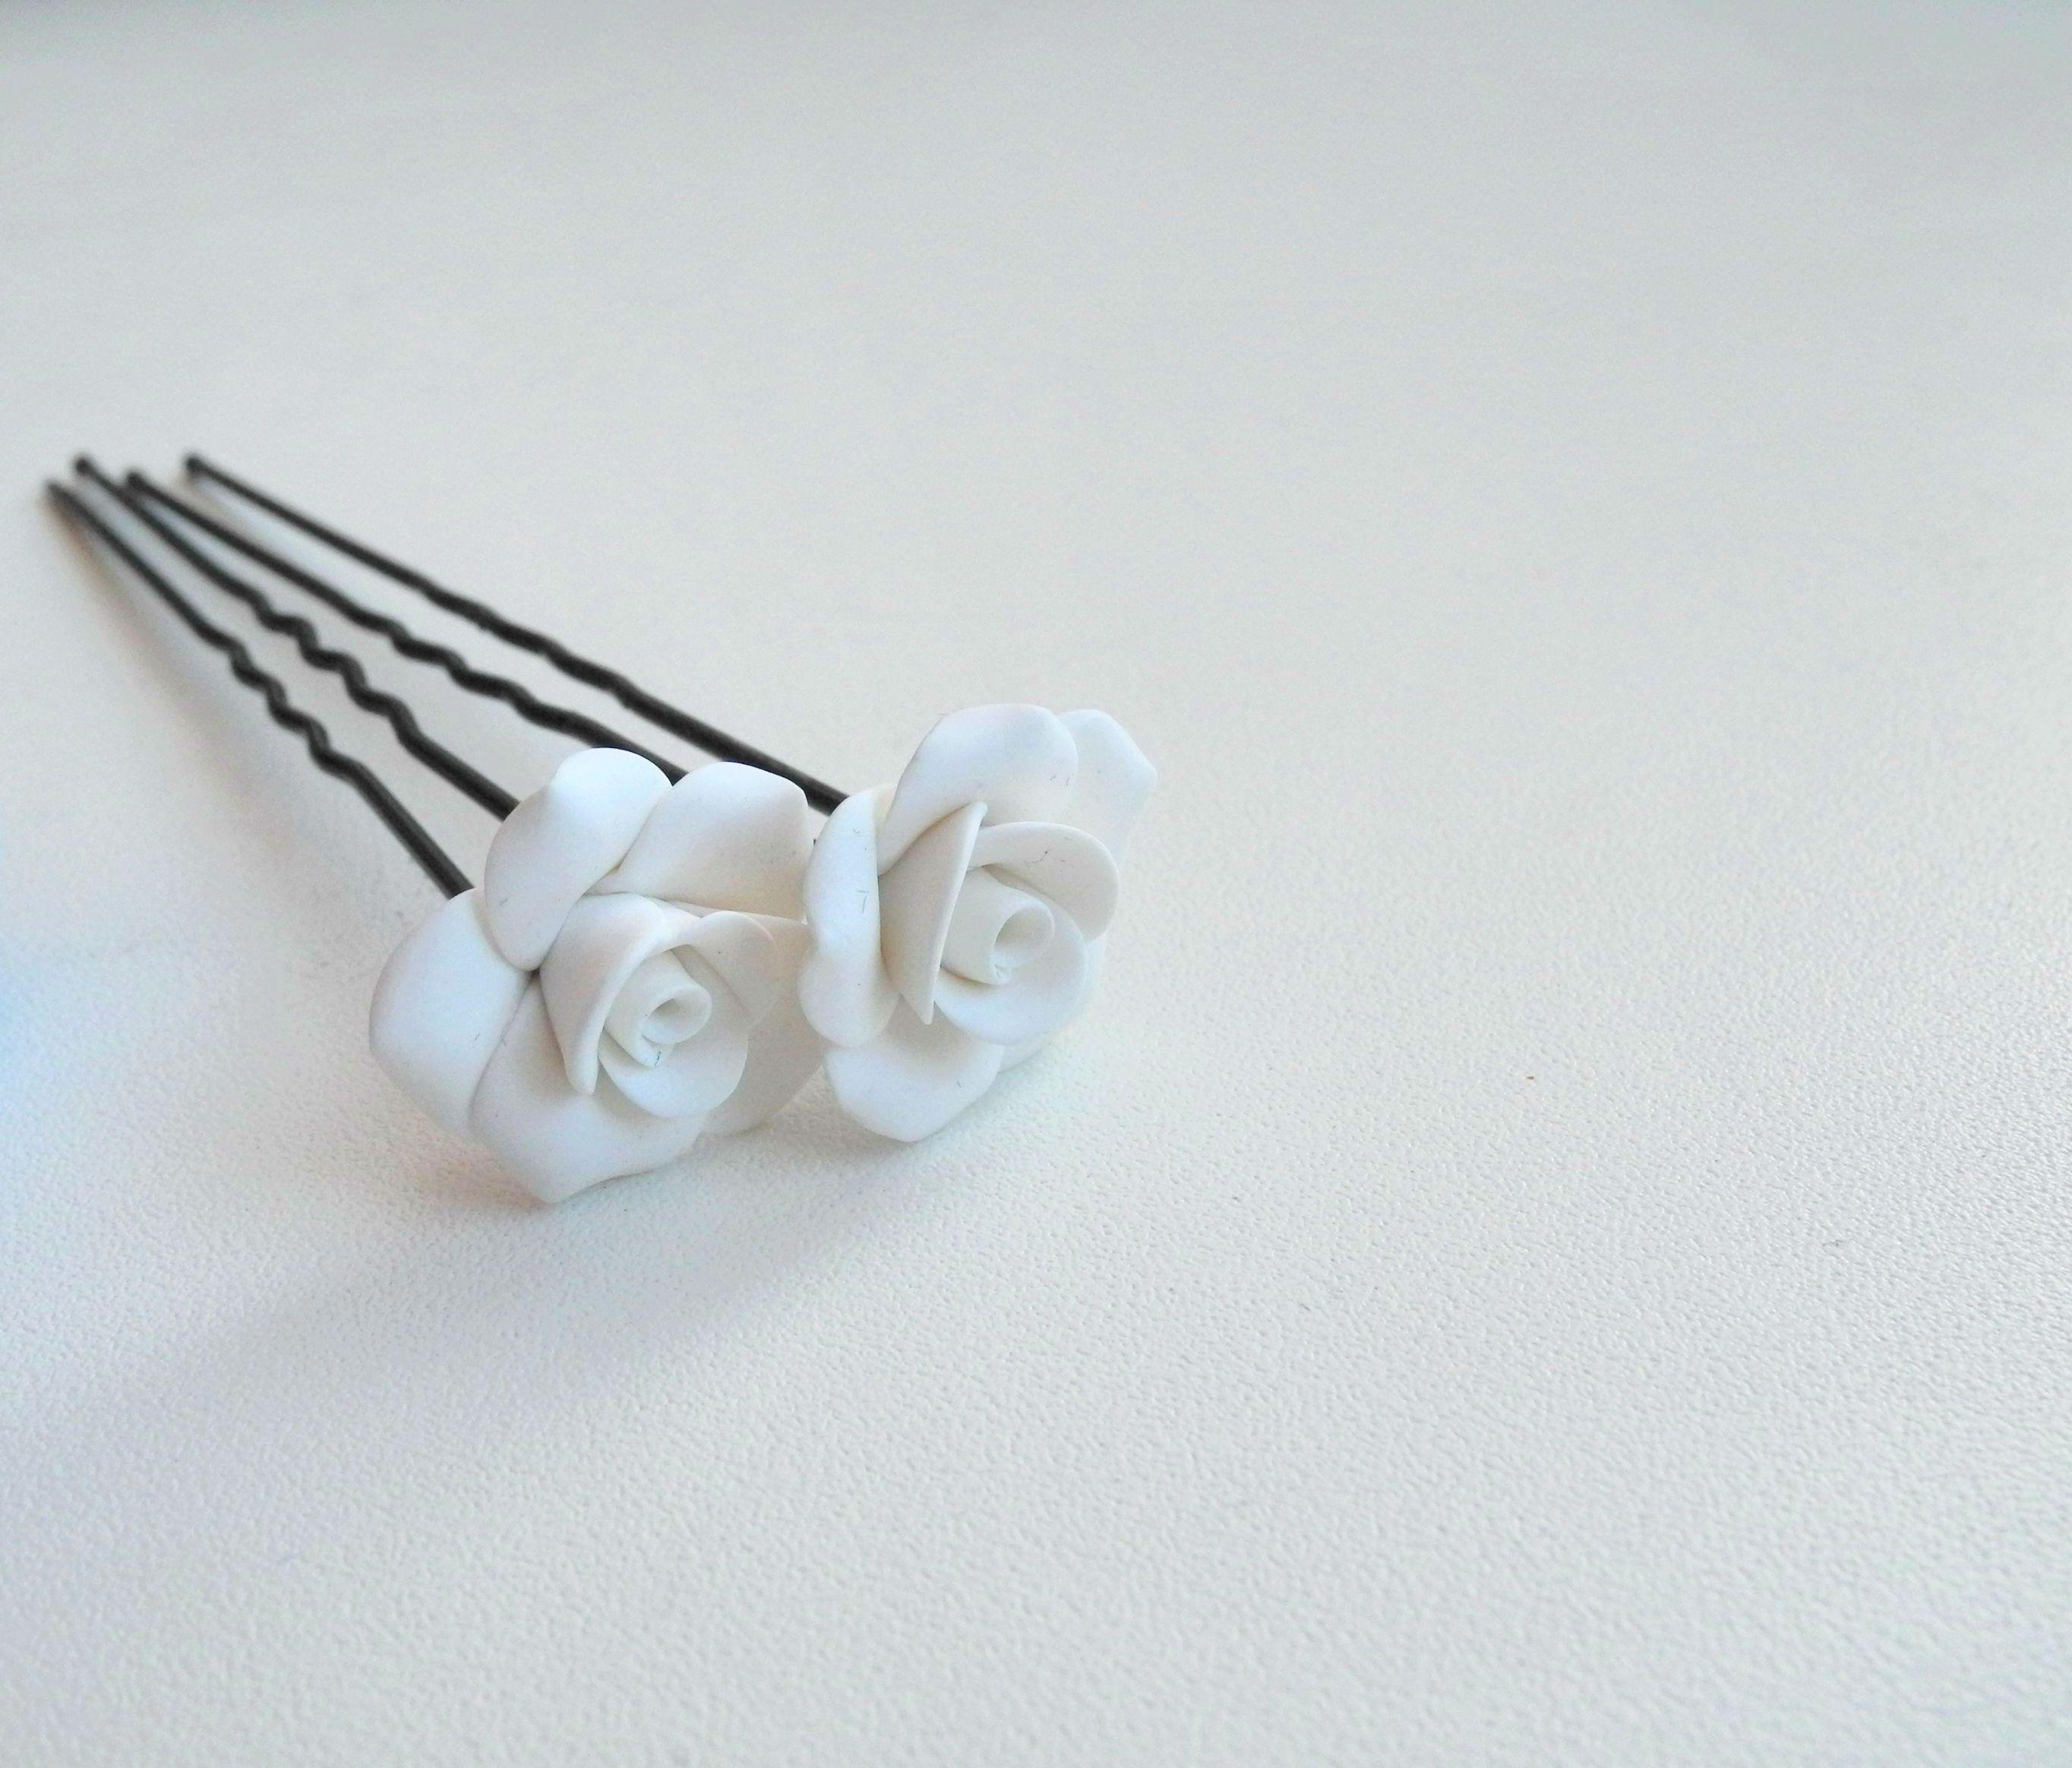 украшениядлясвадьбы заколка proglina украшение подаркиручнойработы белоусоваанна невидимка handmade роза цветы полимернаяглина своимируками